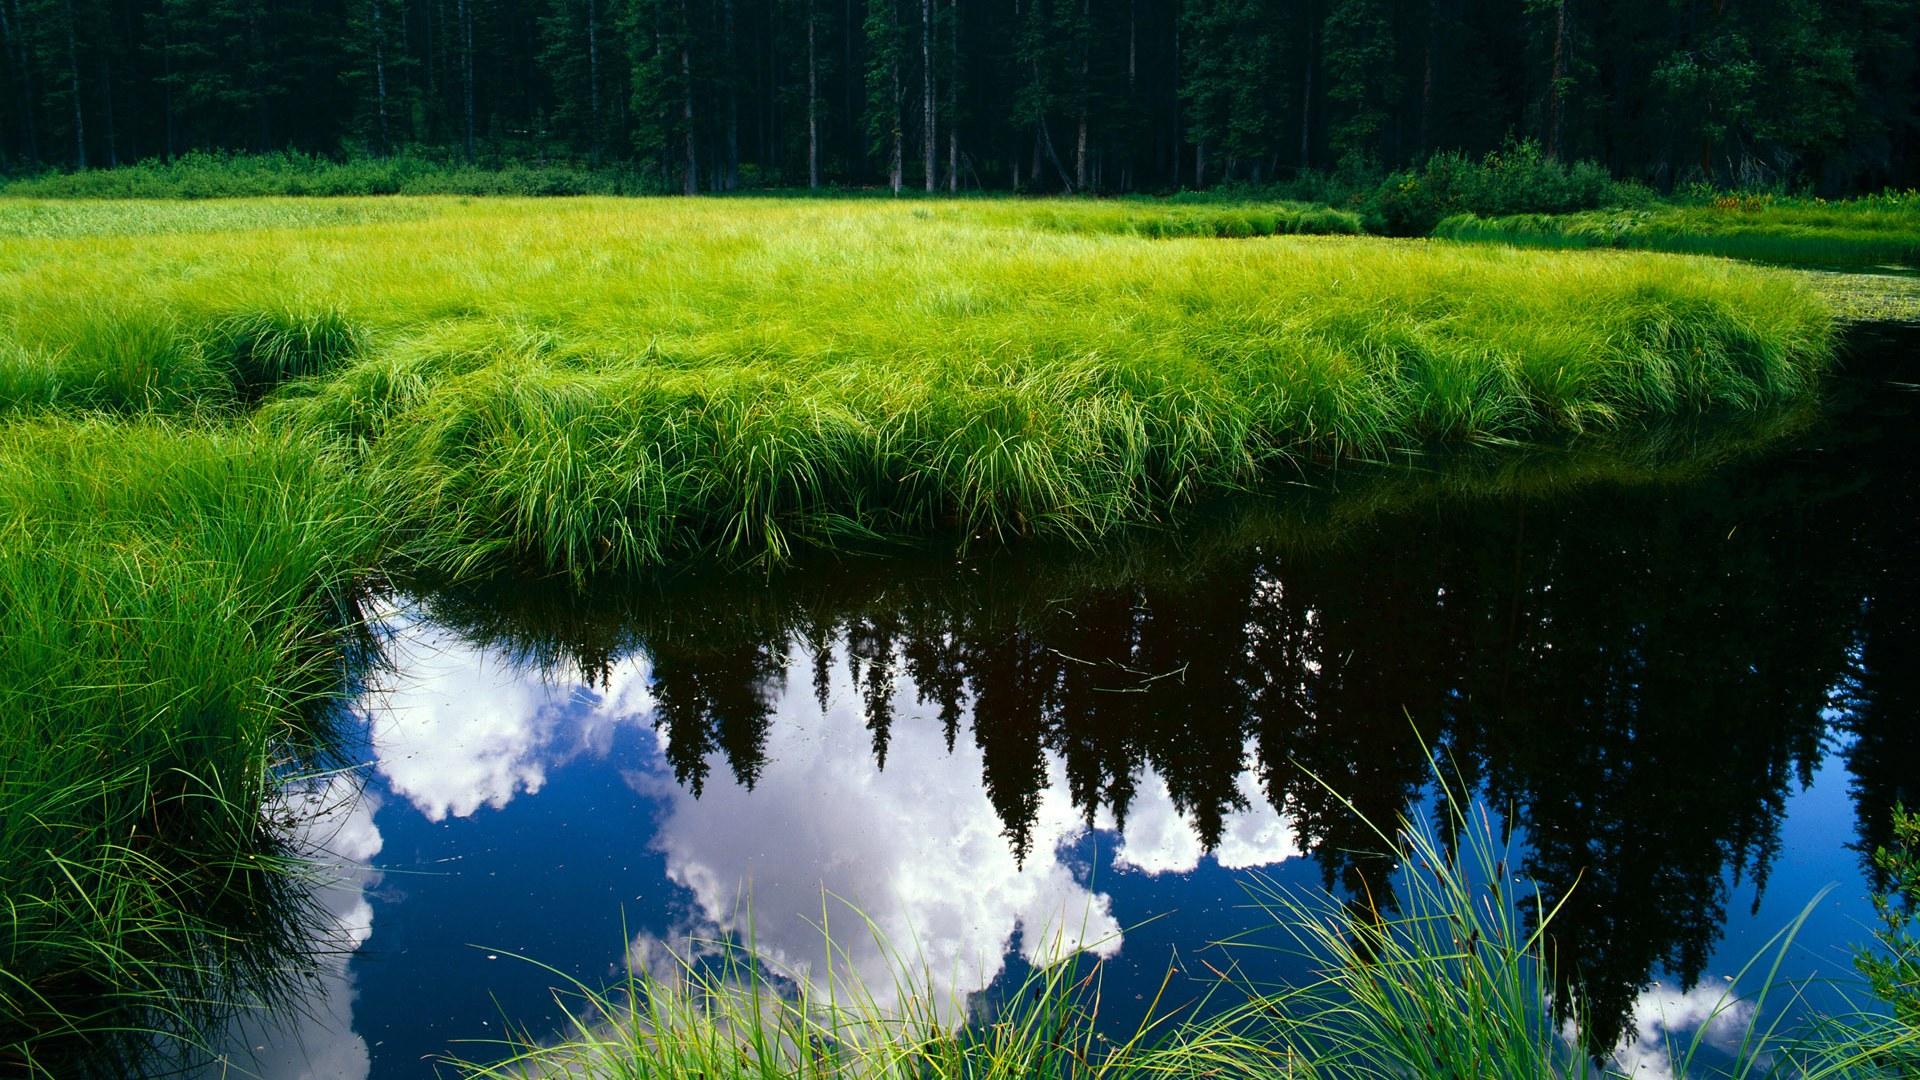 Green Grass Landscape - Green Grass Landscape